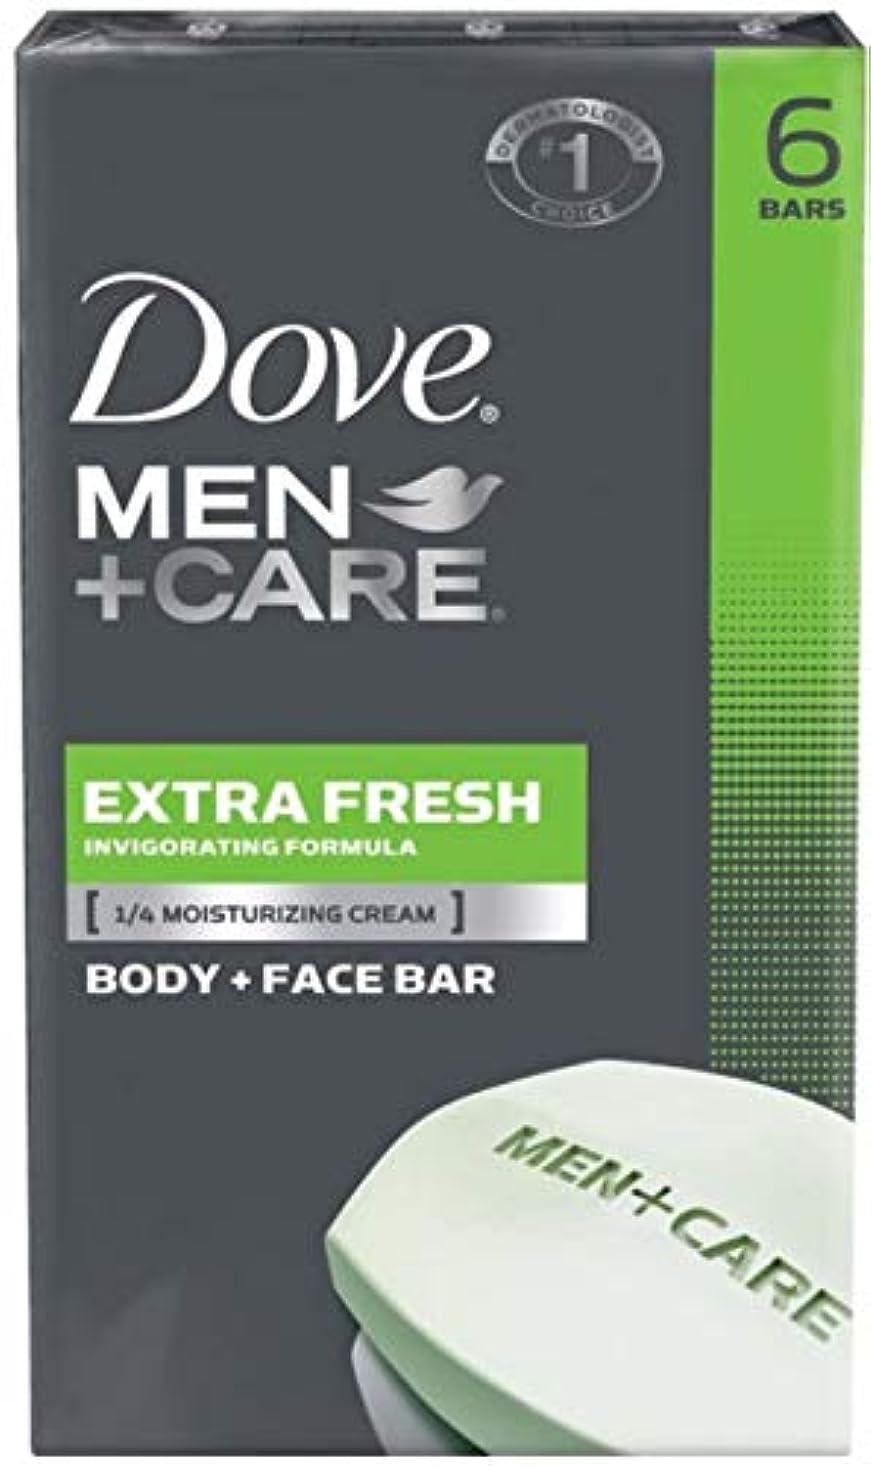 乗ってアプローチDove Men + Care Body and Face Bar, Extra Fresh 4oz x 6soaps ダブ メン プラスケア エクストラフレッシュ 固形石鹸 4oz x 6個パック [海外直送品]